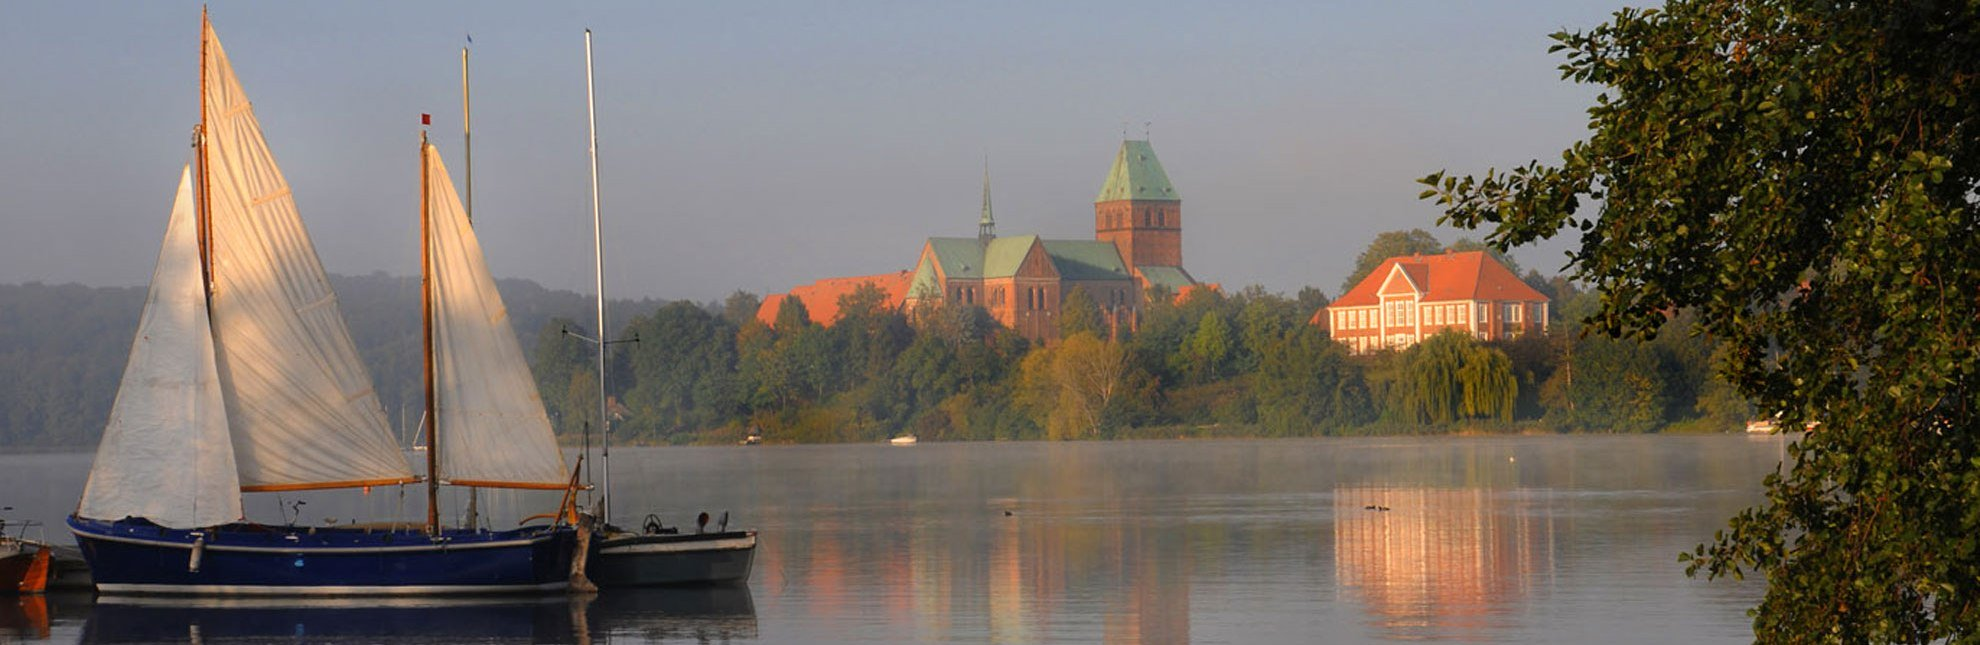 morgendliche Stimmung am Domsee in Ratzeburg, © Jürgen Klemme/HLMS